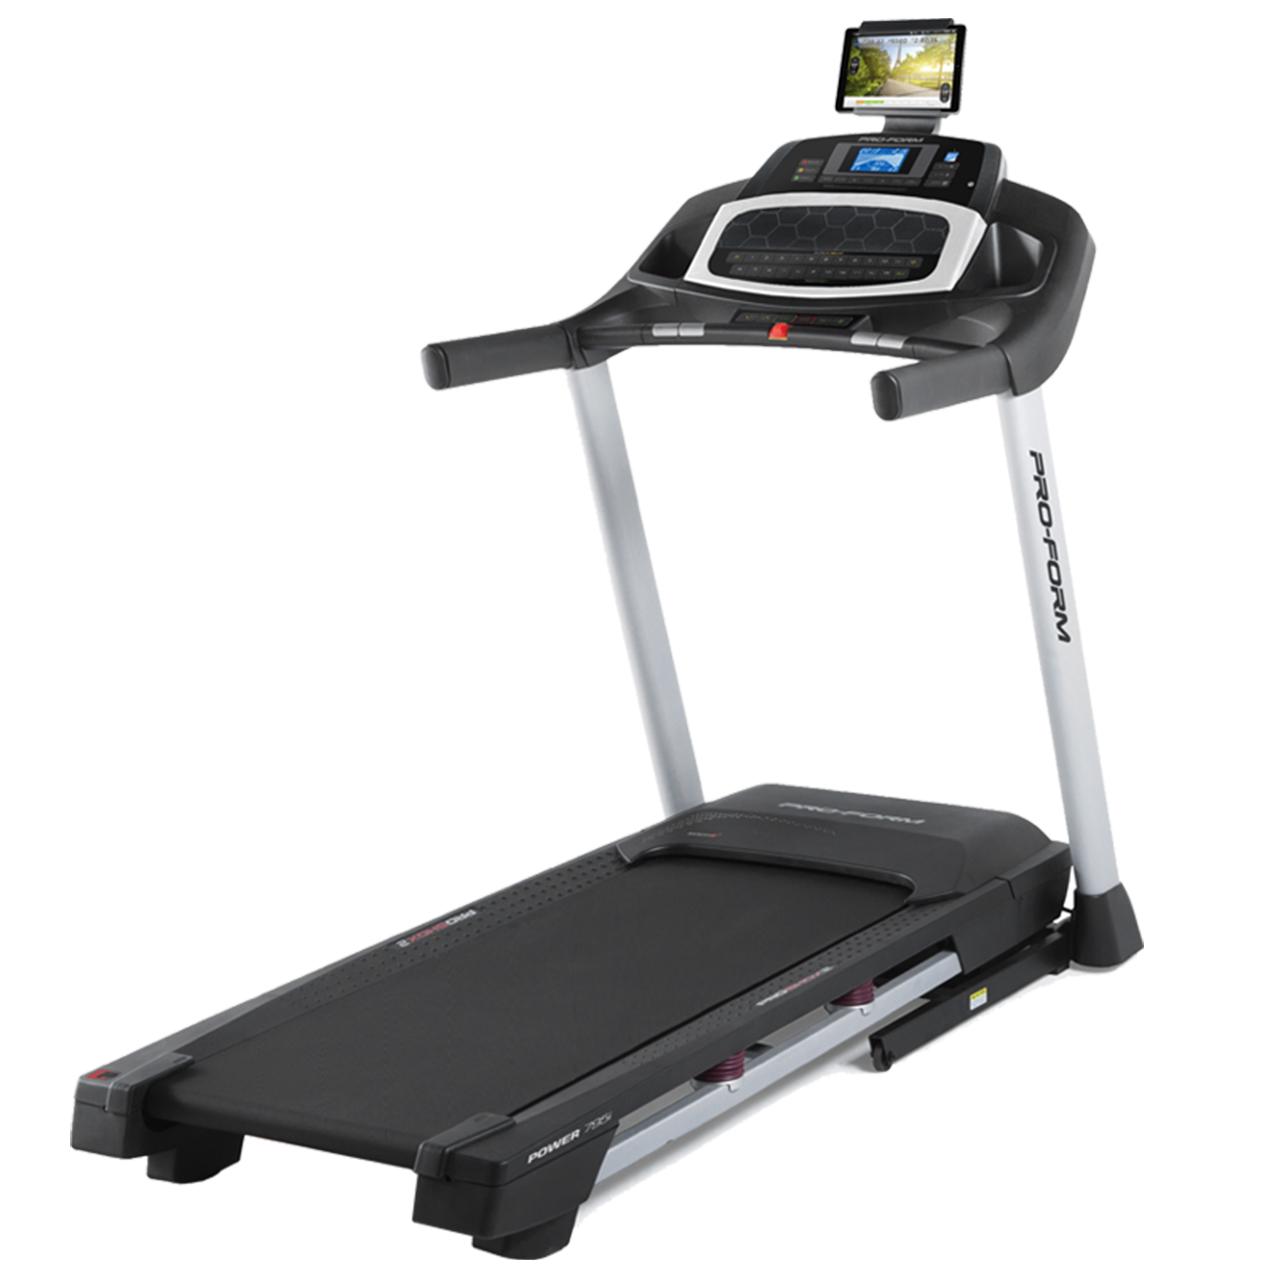 美国icon爱康跑步机家用款 电动家用高端豪华静音折叠健身房P795